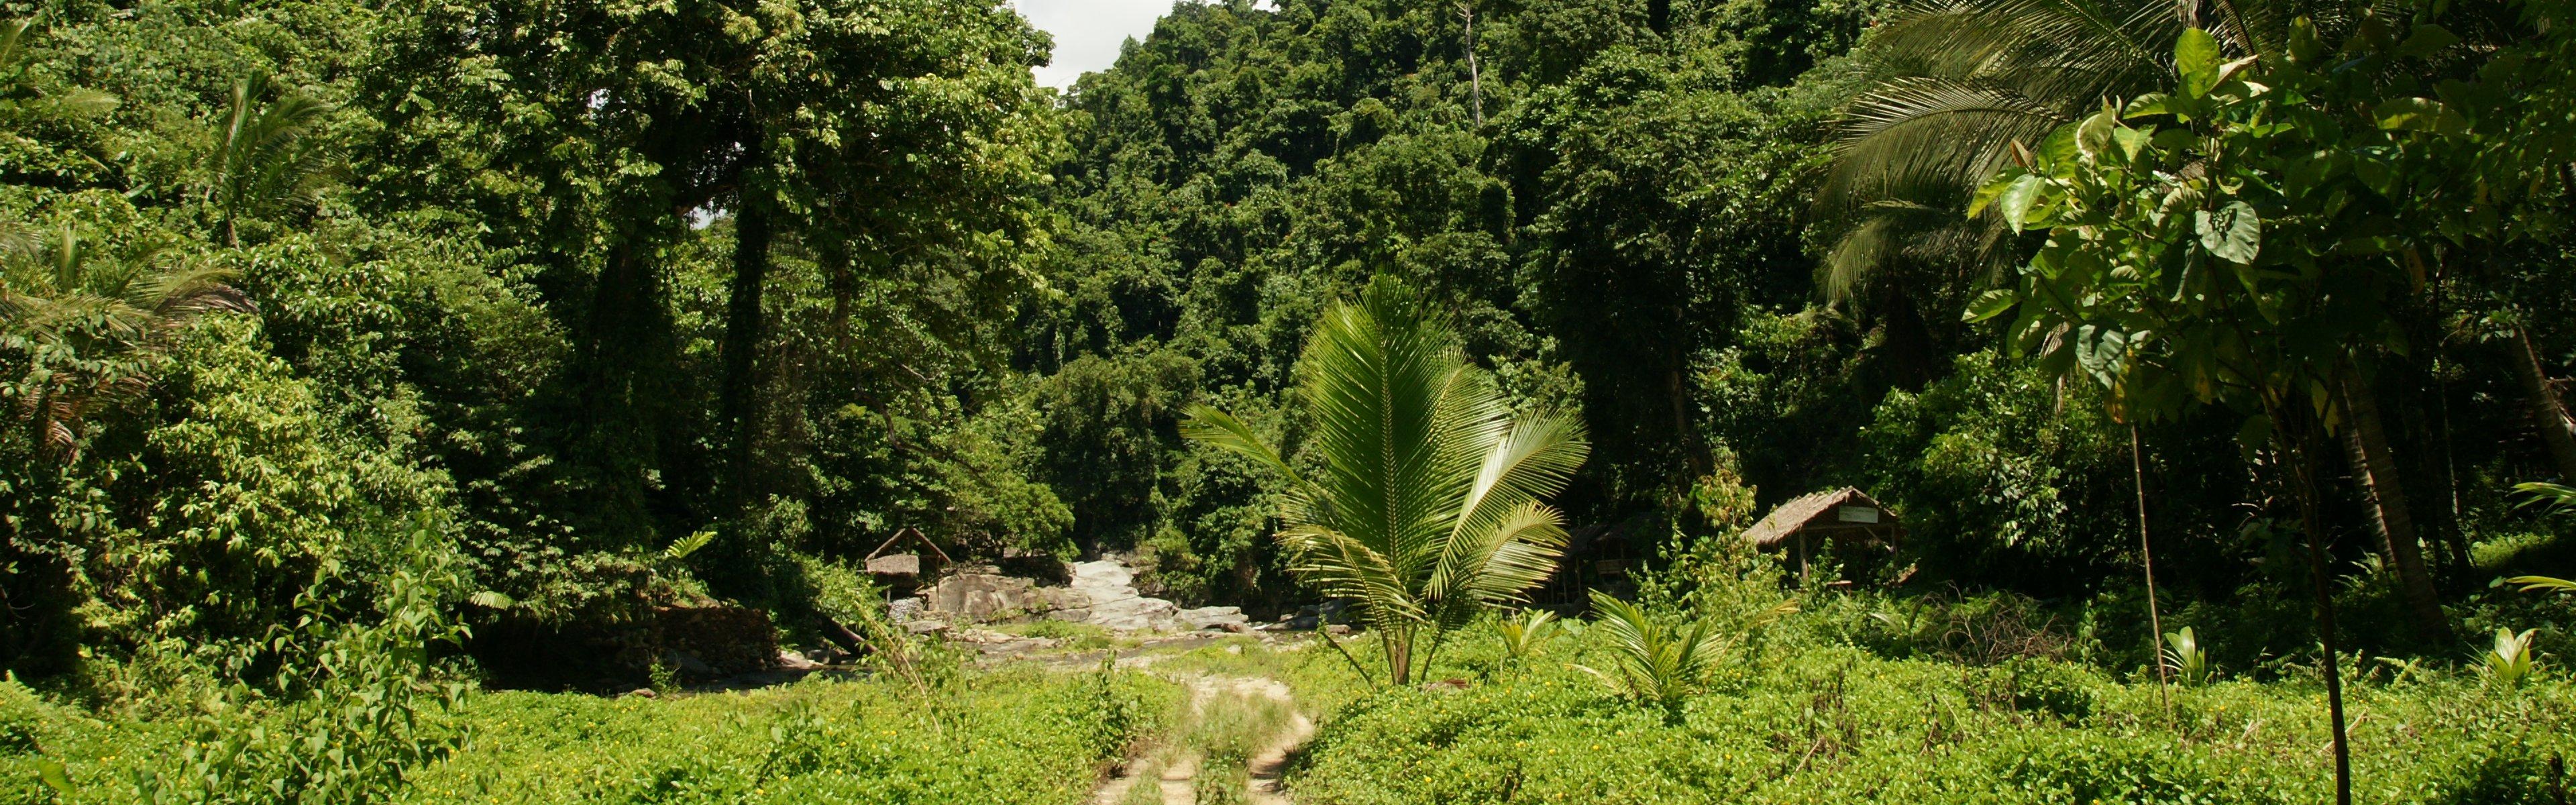 Hintergrundbilder kostenlos urwald